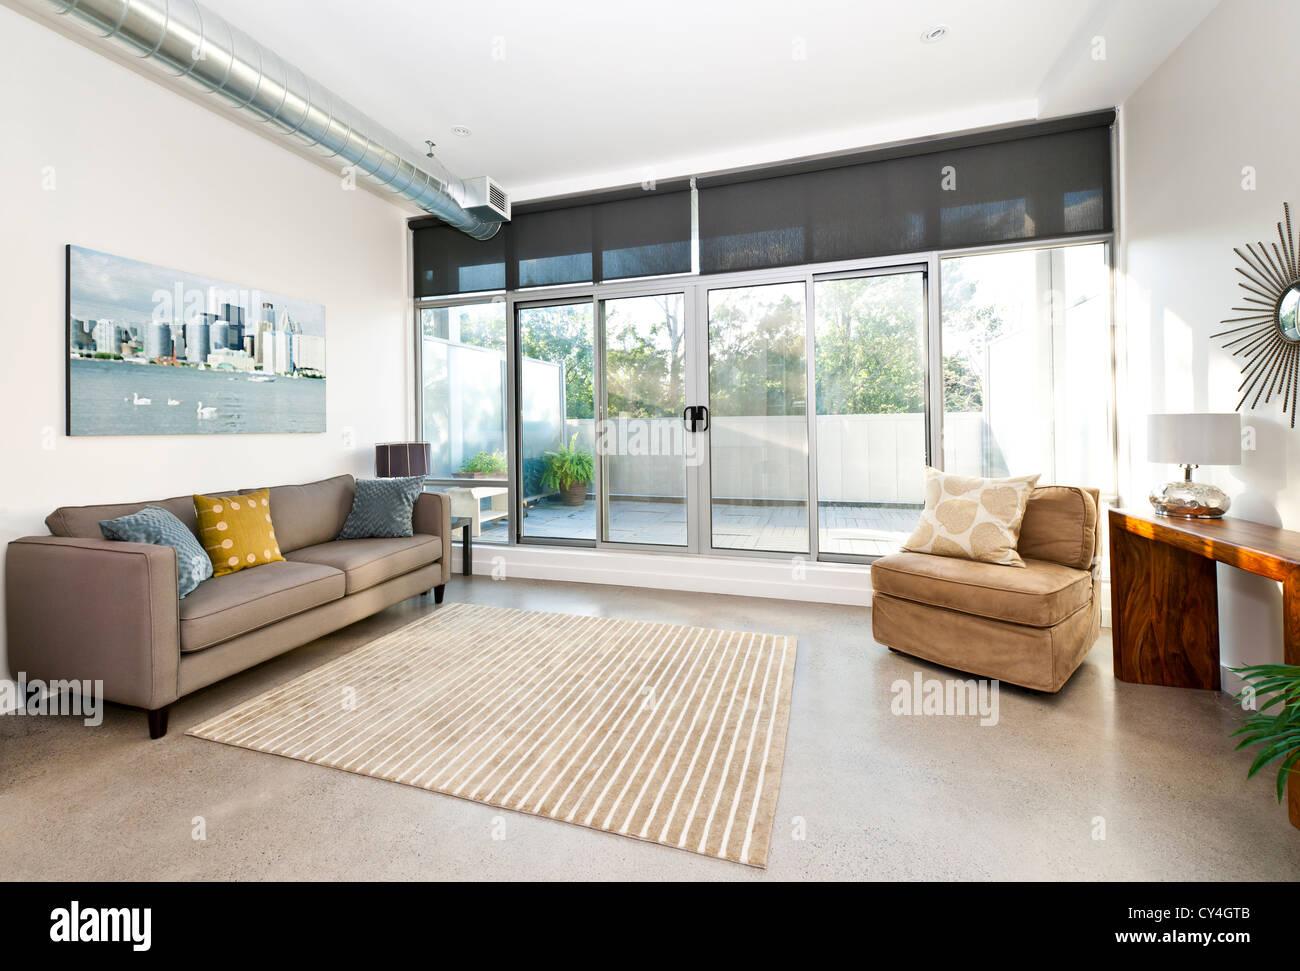 Salon avec portes coulissantes en verre donnant sur le balcon d'art à partir du portefeuille - photographe Photo Stock